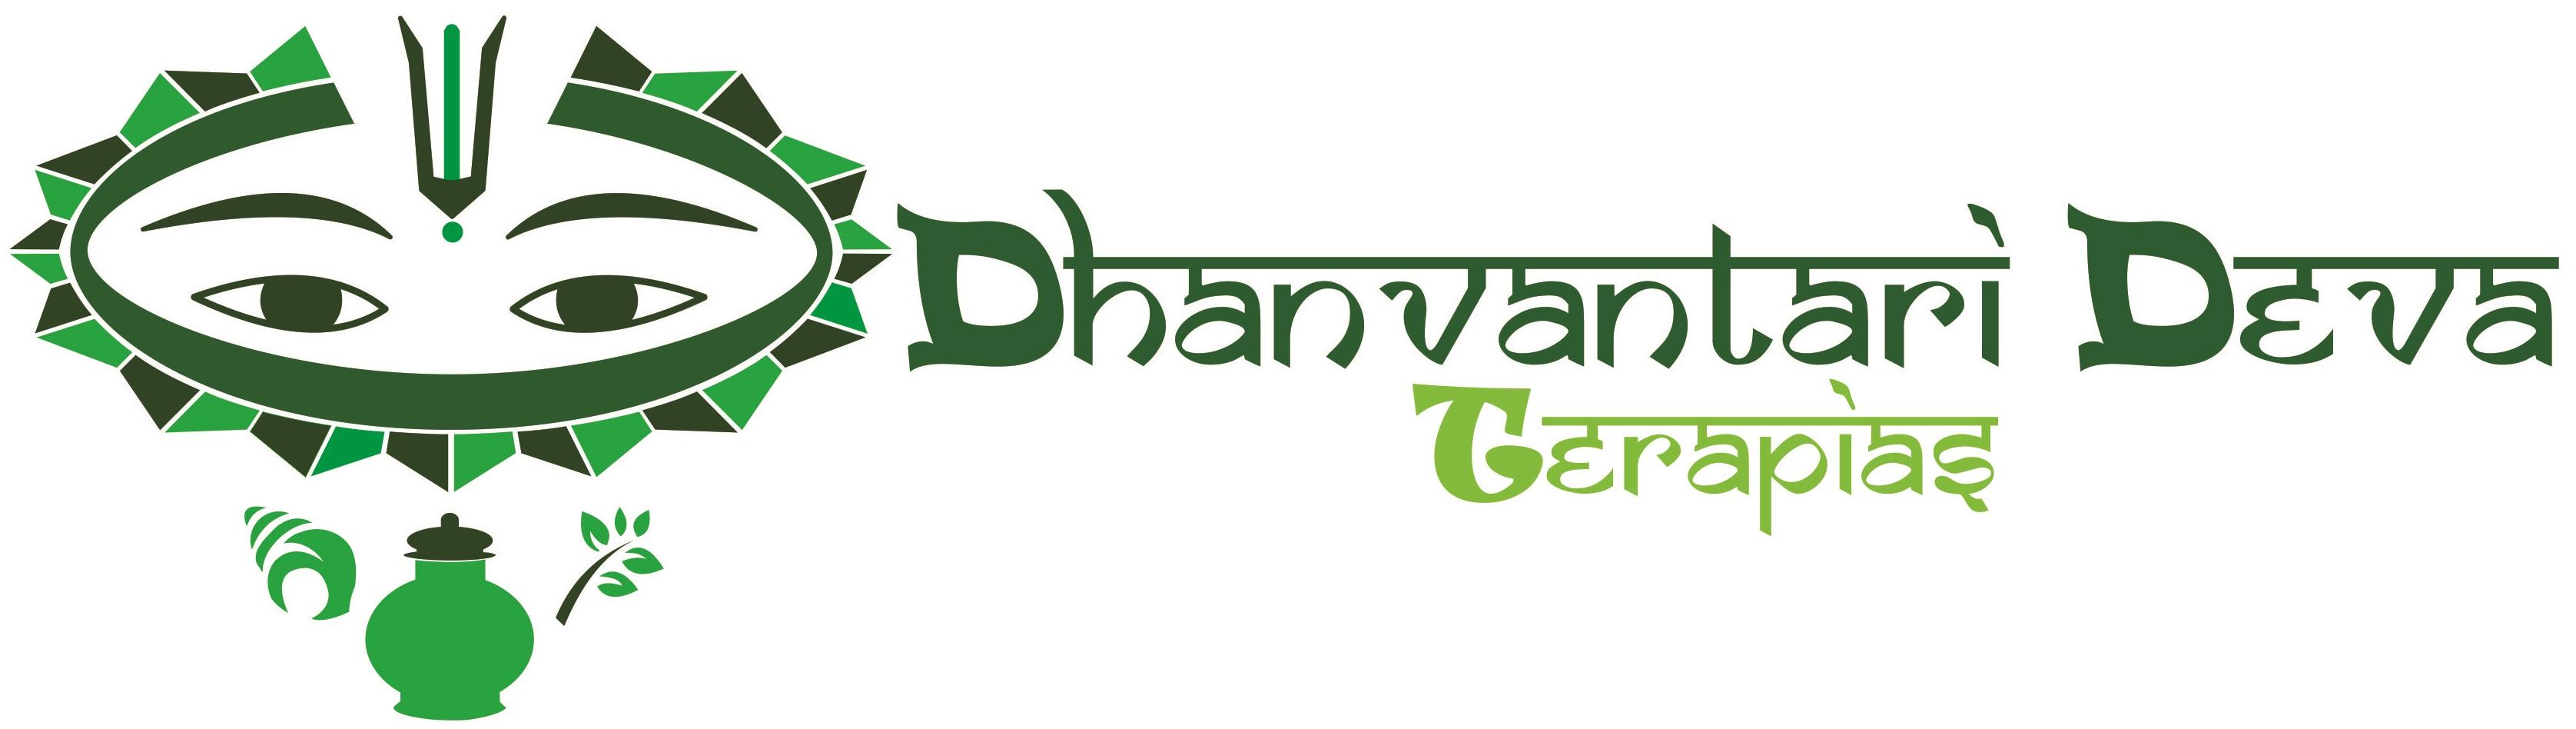 Dhanvantari capa